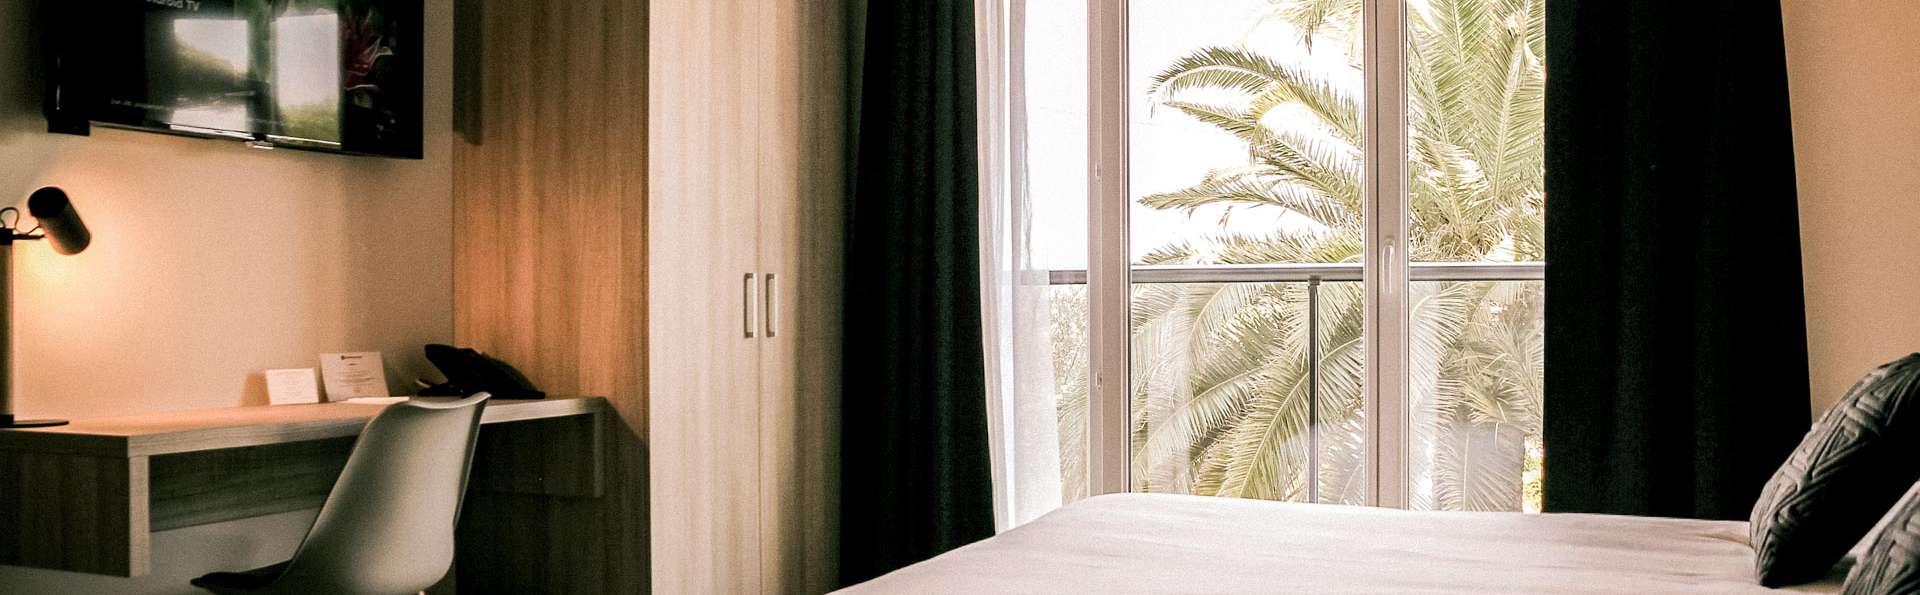 Escapade de charme en chambre Deluxe à Antibes